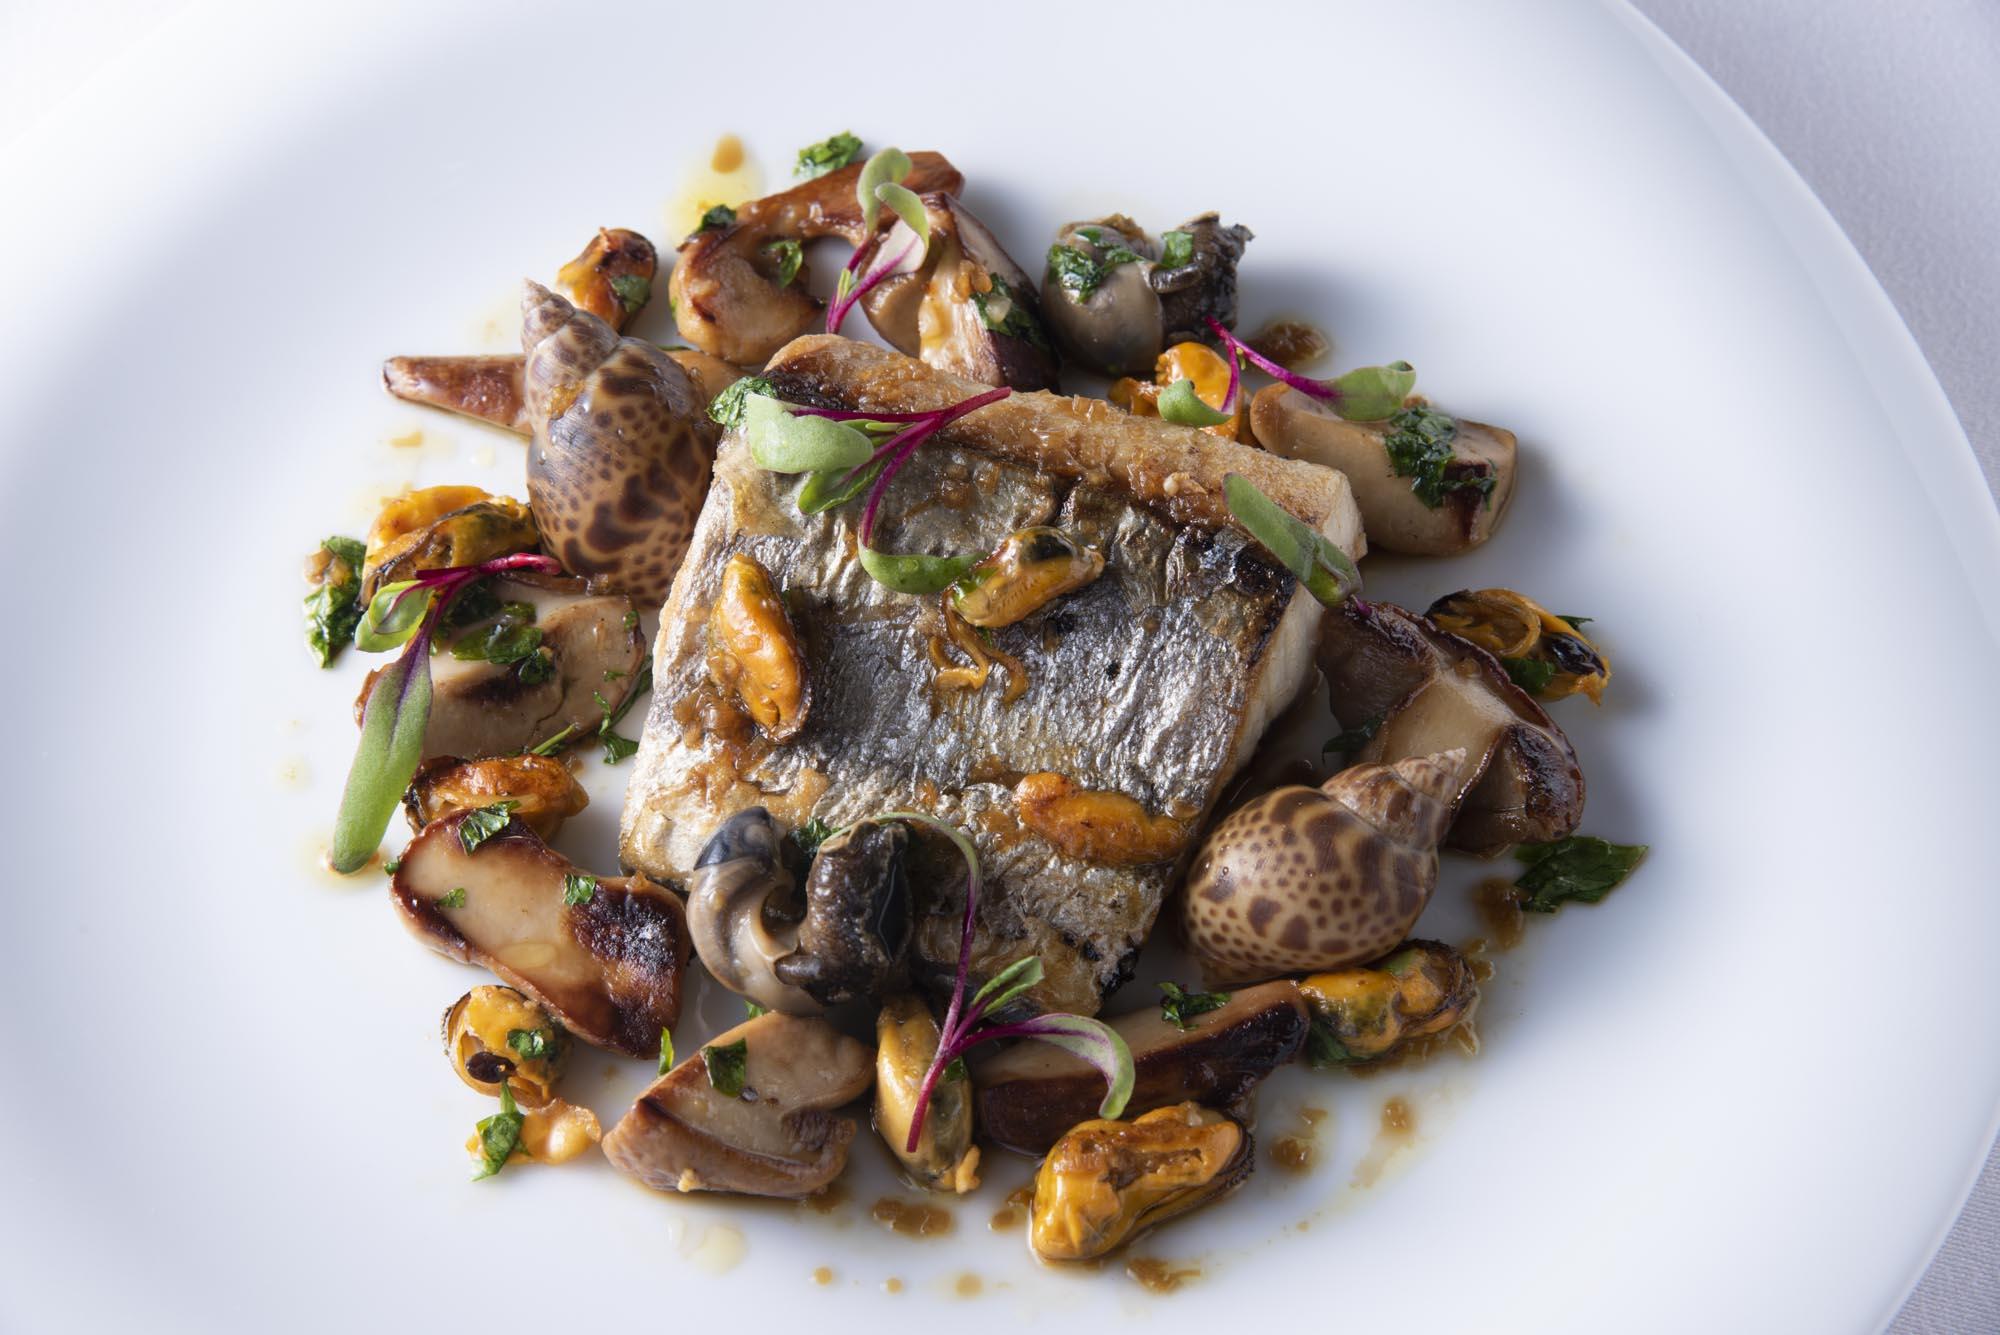 サワラの塩焼き、バイ貝、ムール貝